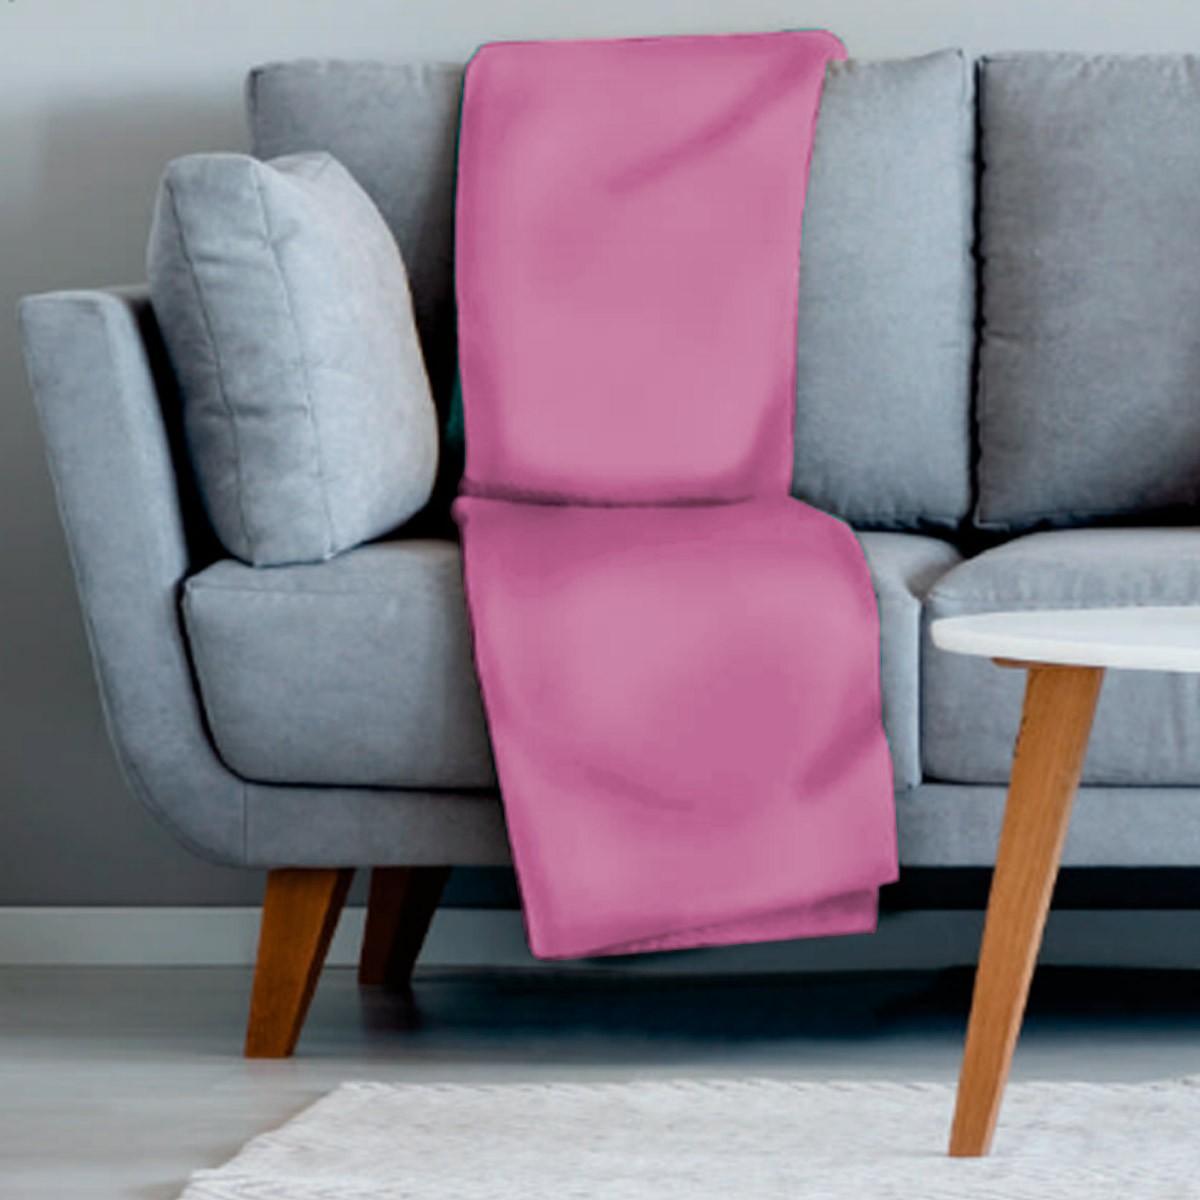 Manta sofa veludo 210x140 ROSA